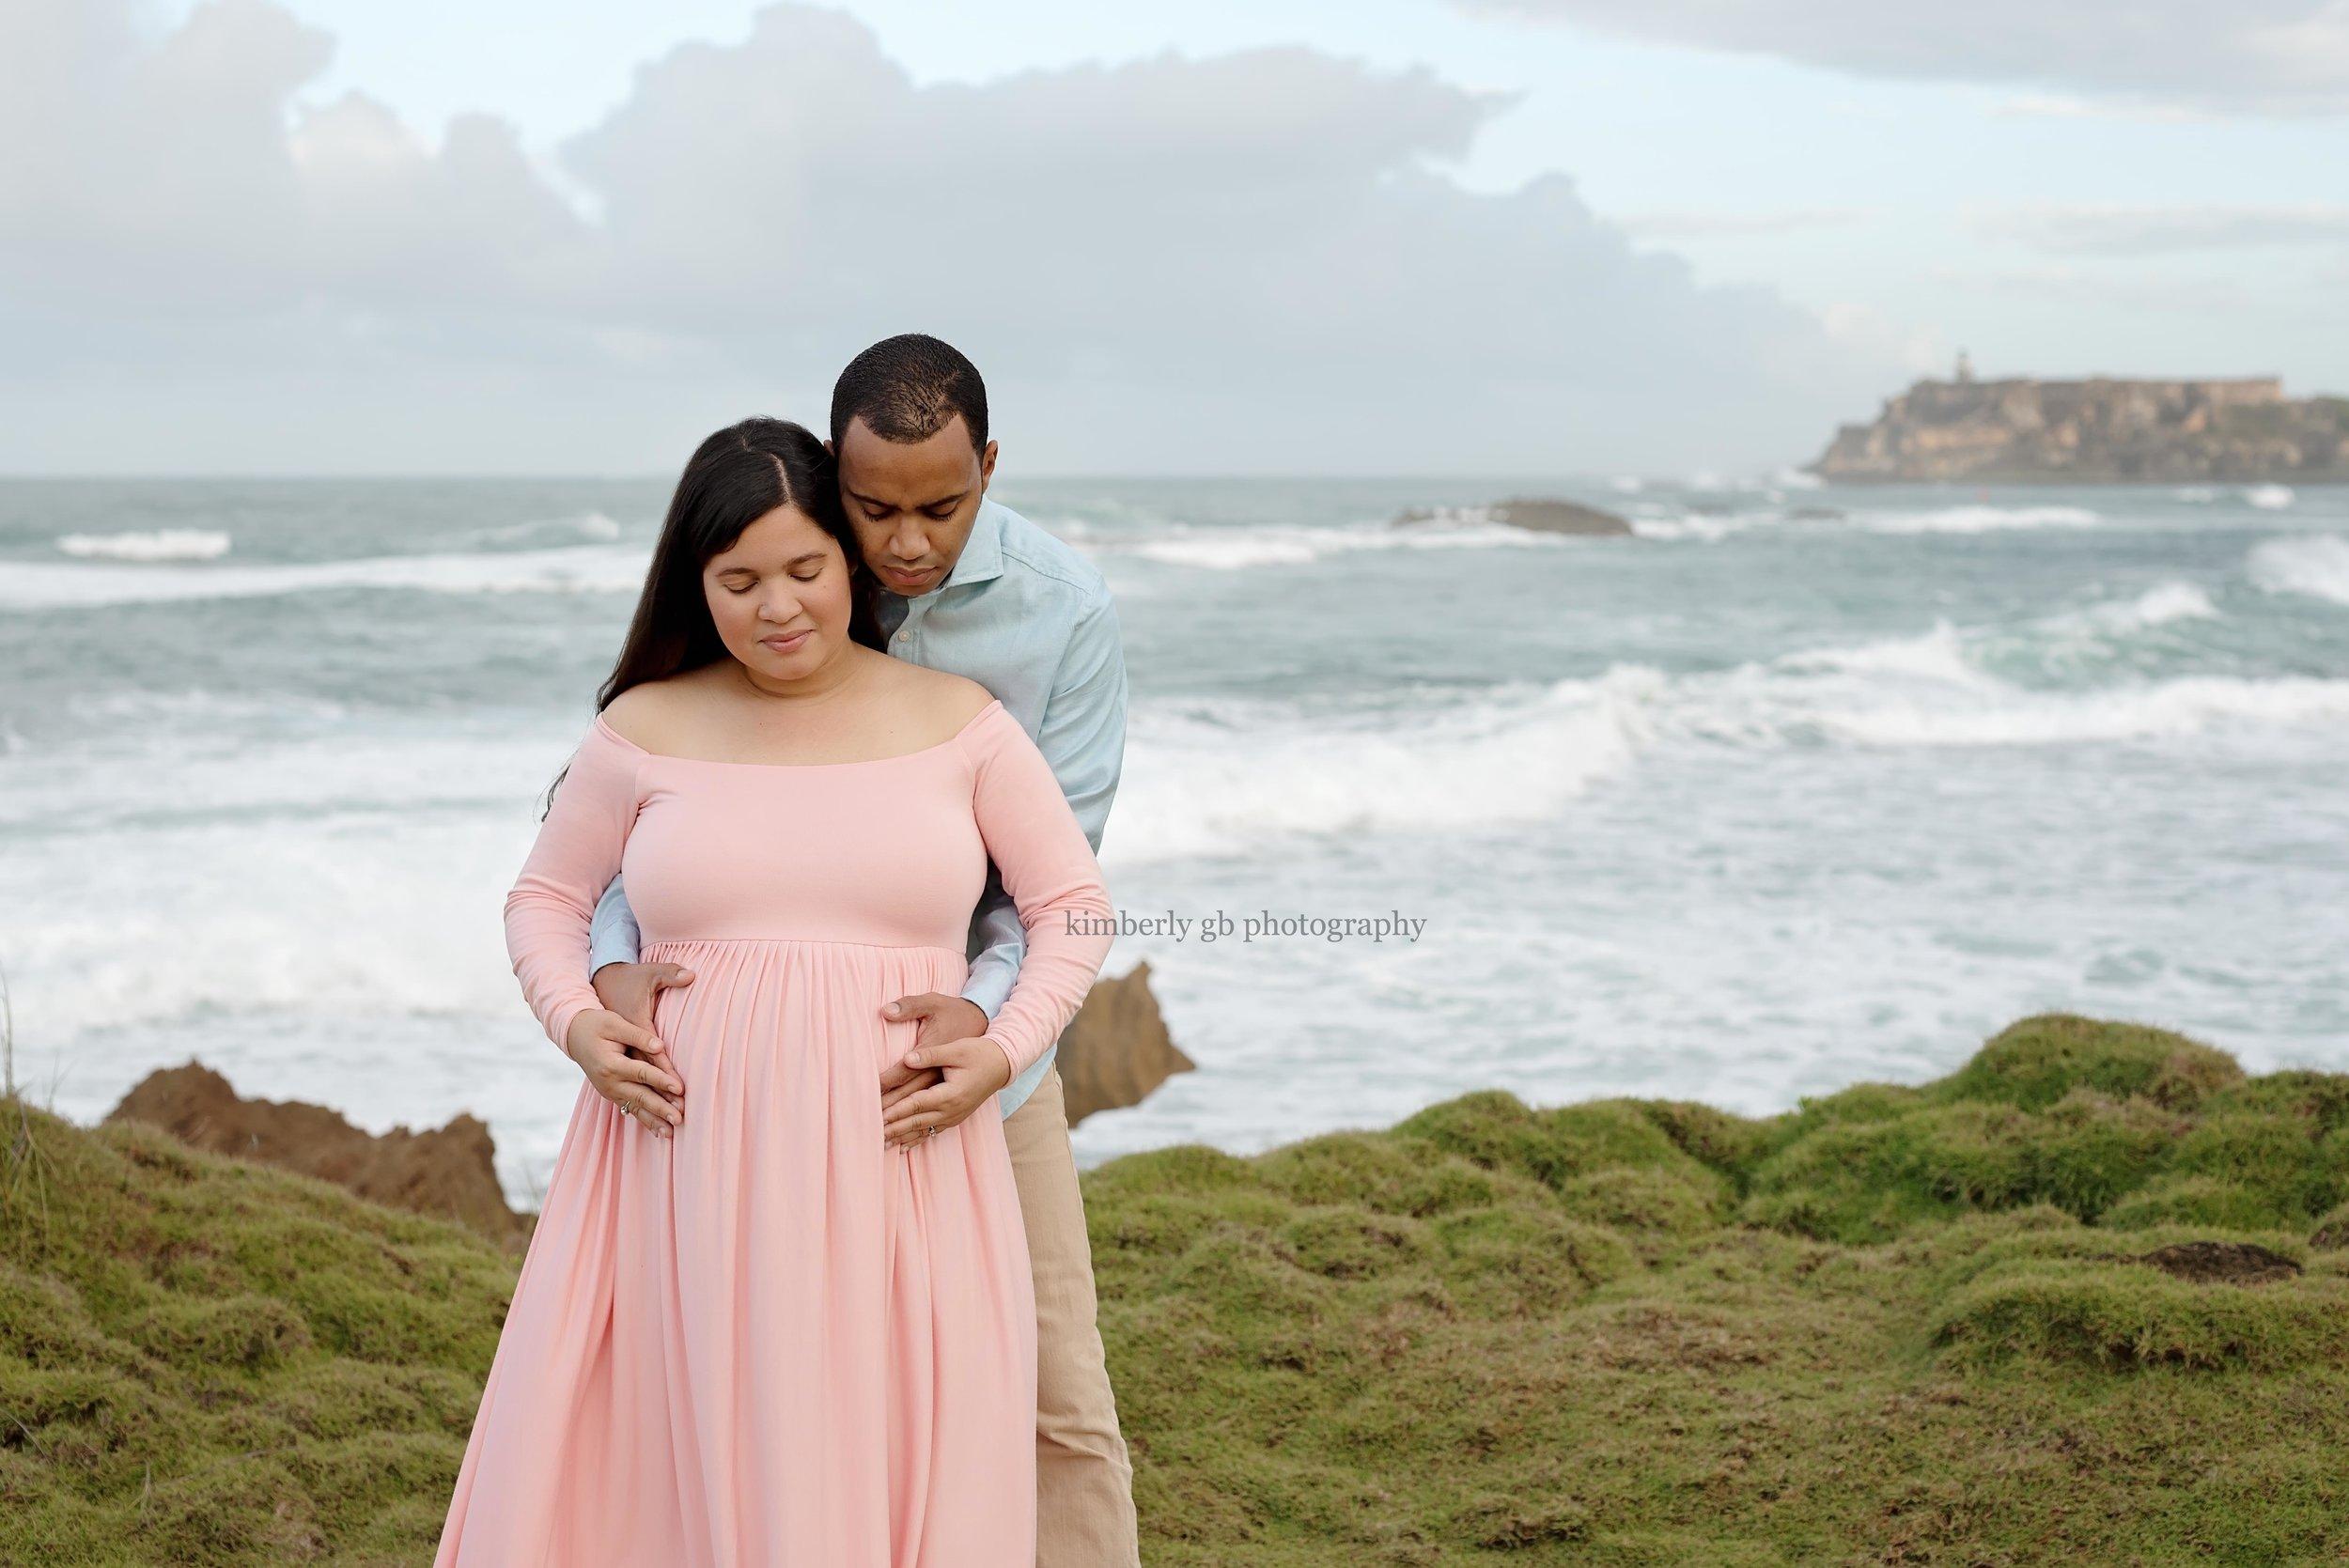 fotografia-fotografa-de-maternidad-embarazo-embarazada-en-puerto-rico-fotografia-158.jpg